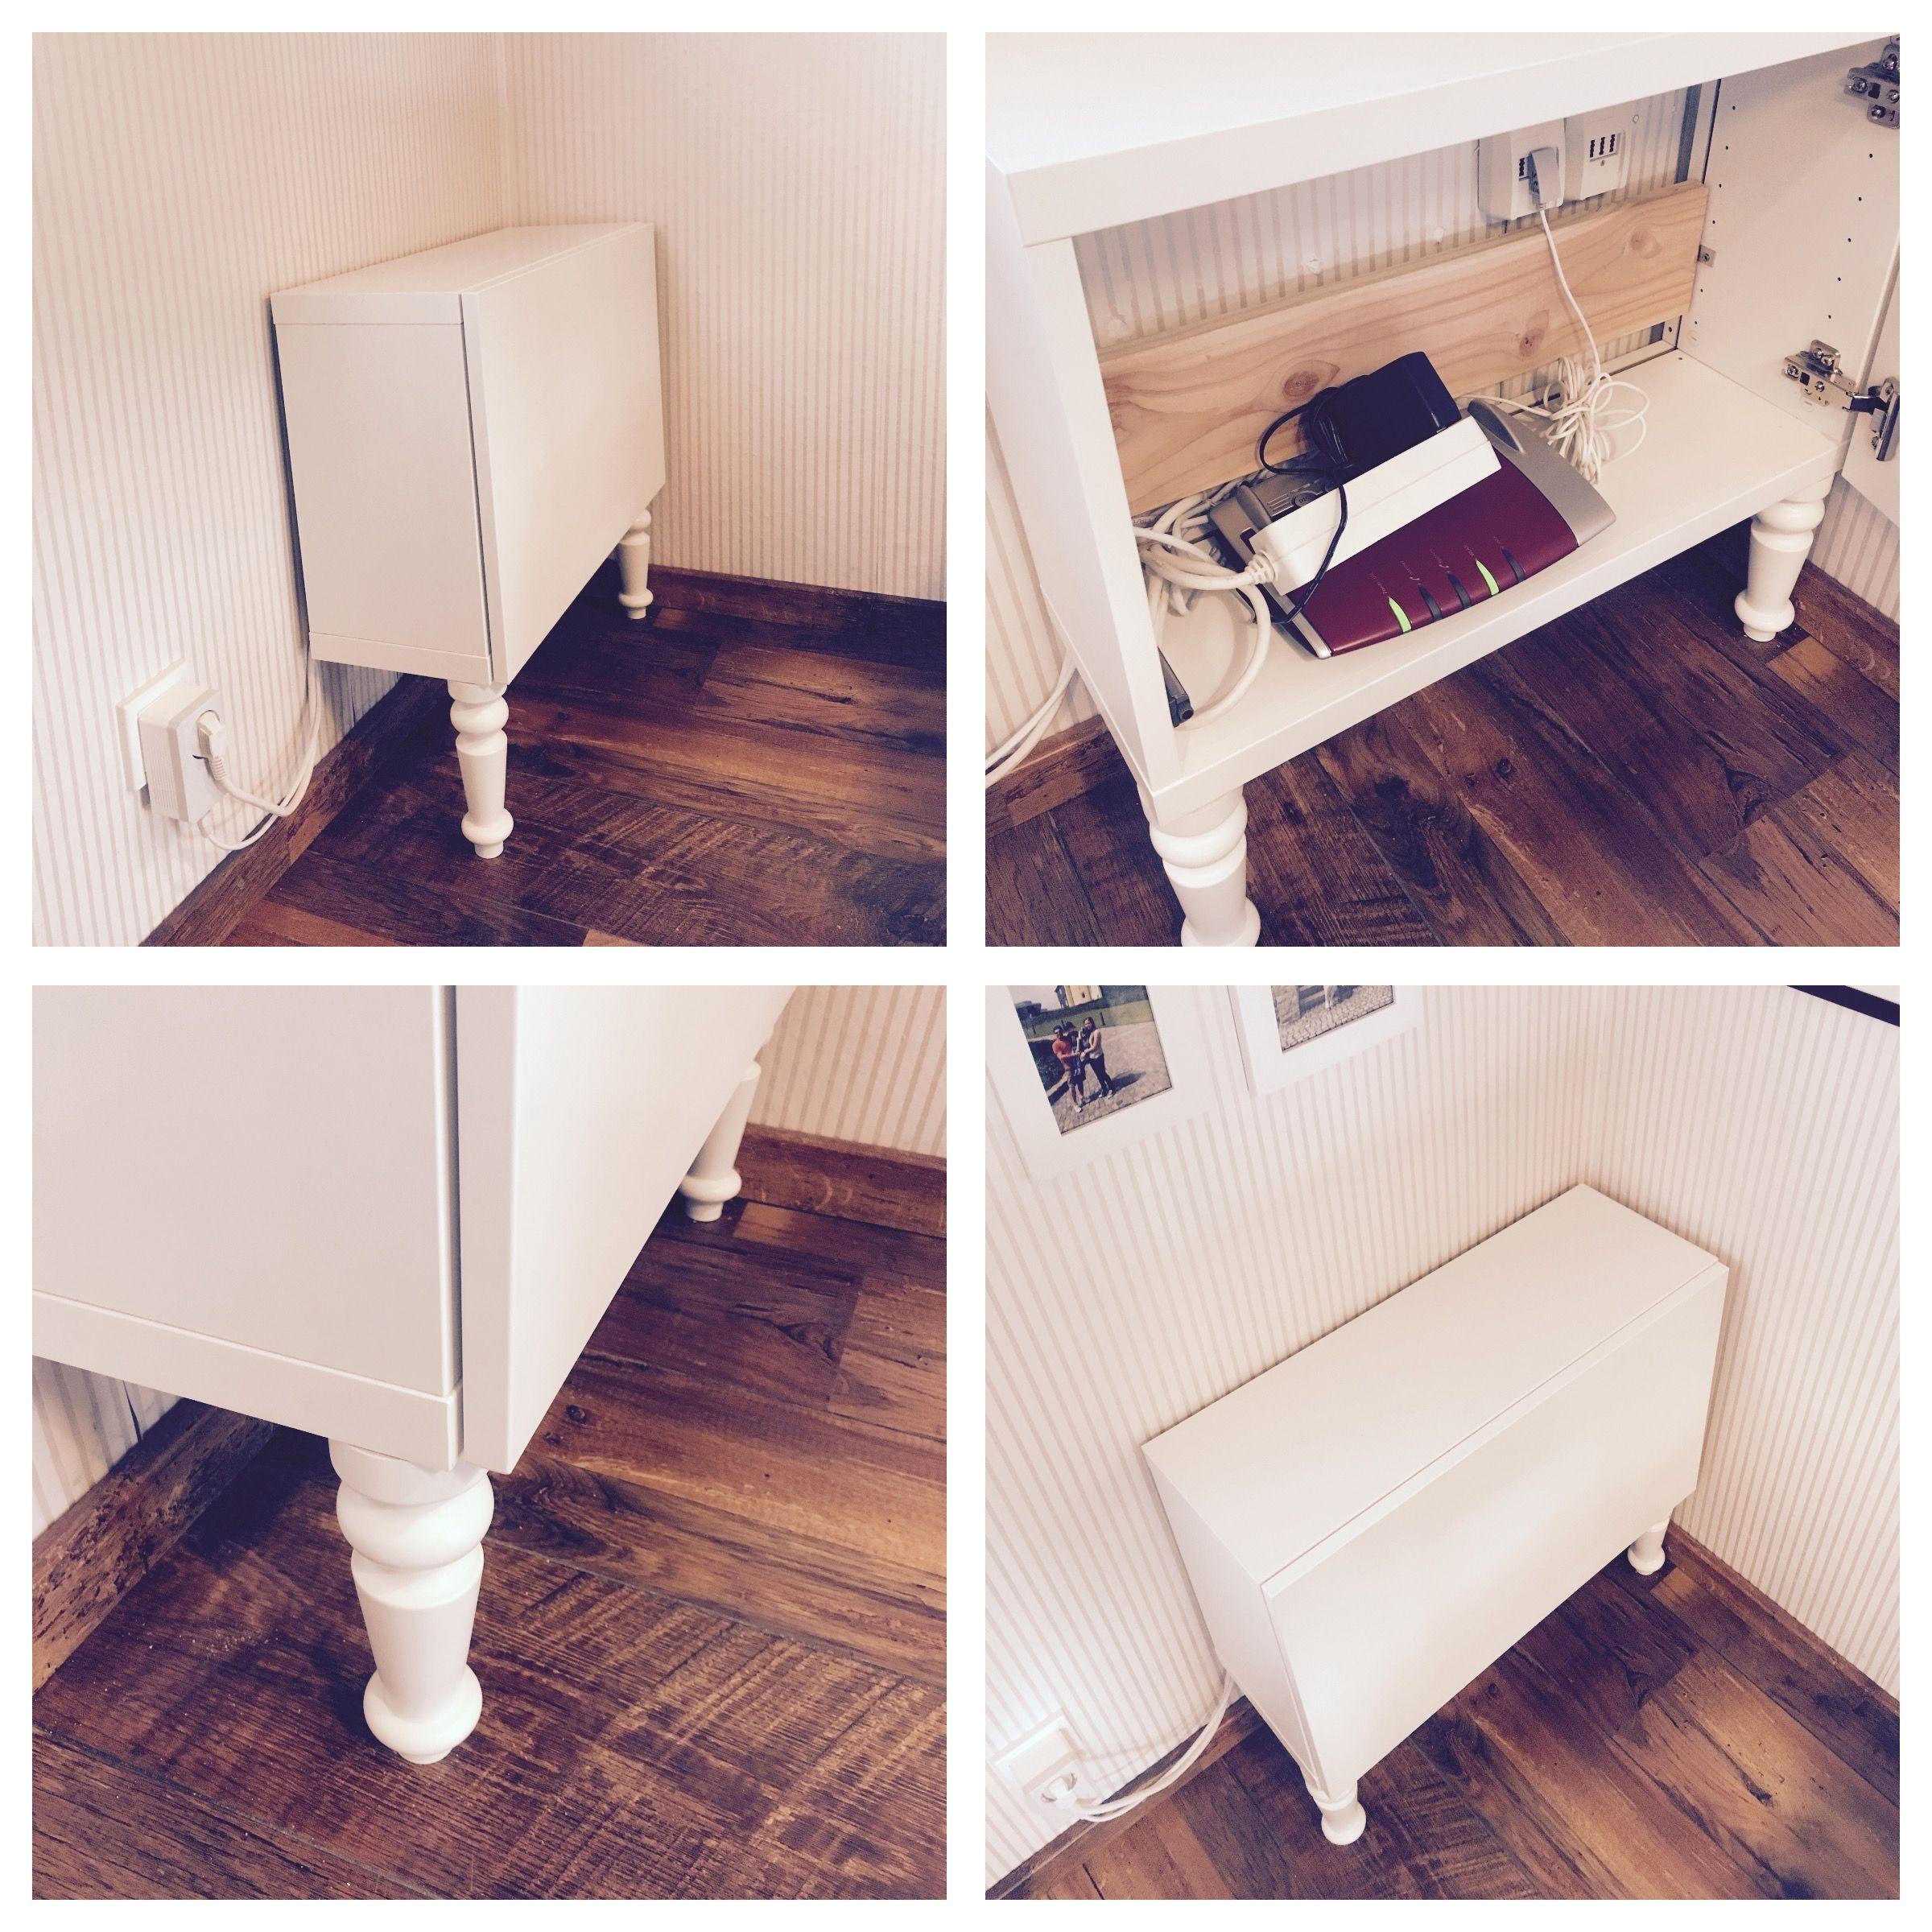 router verstecken basteln pinterest router verstecken verstecken und ikea ideen. Black Bedroom Furniture Sets. Home Design Ideas